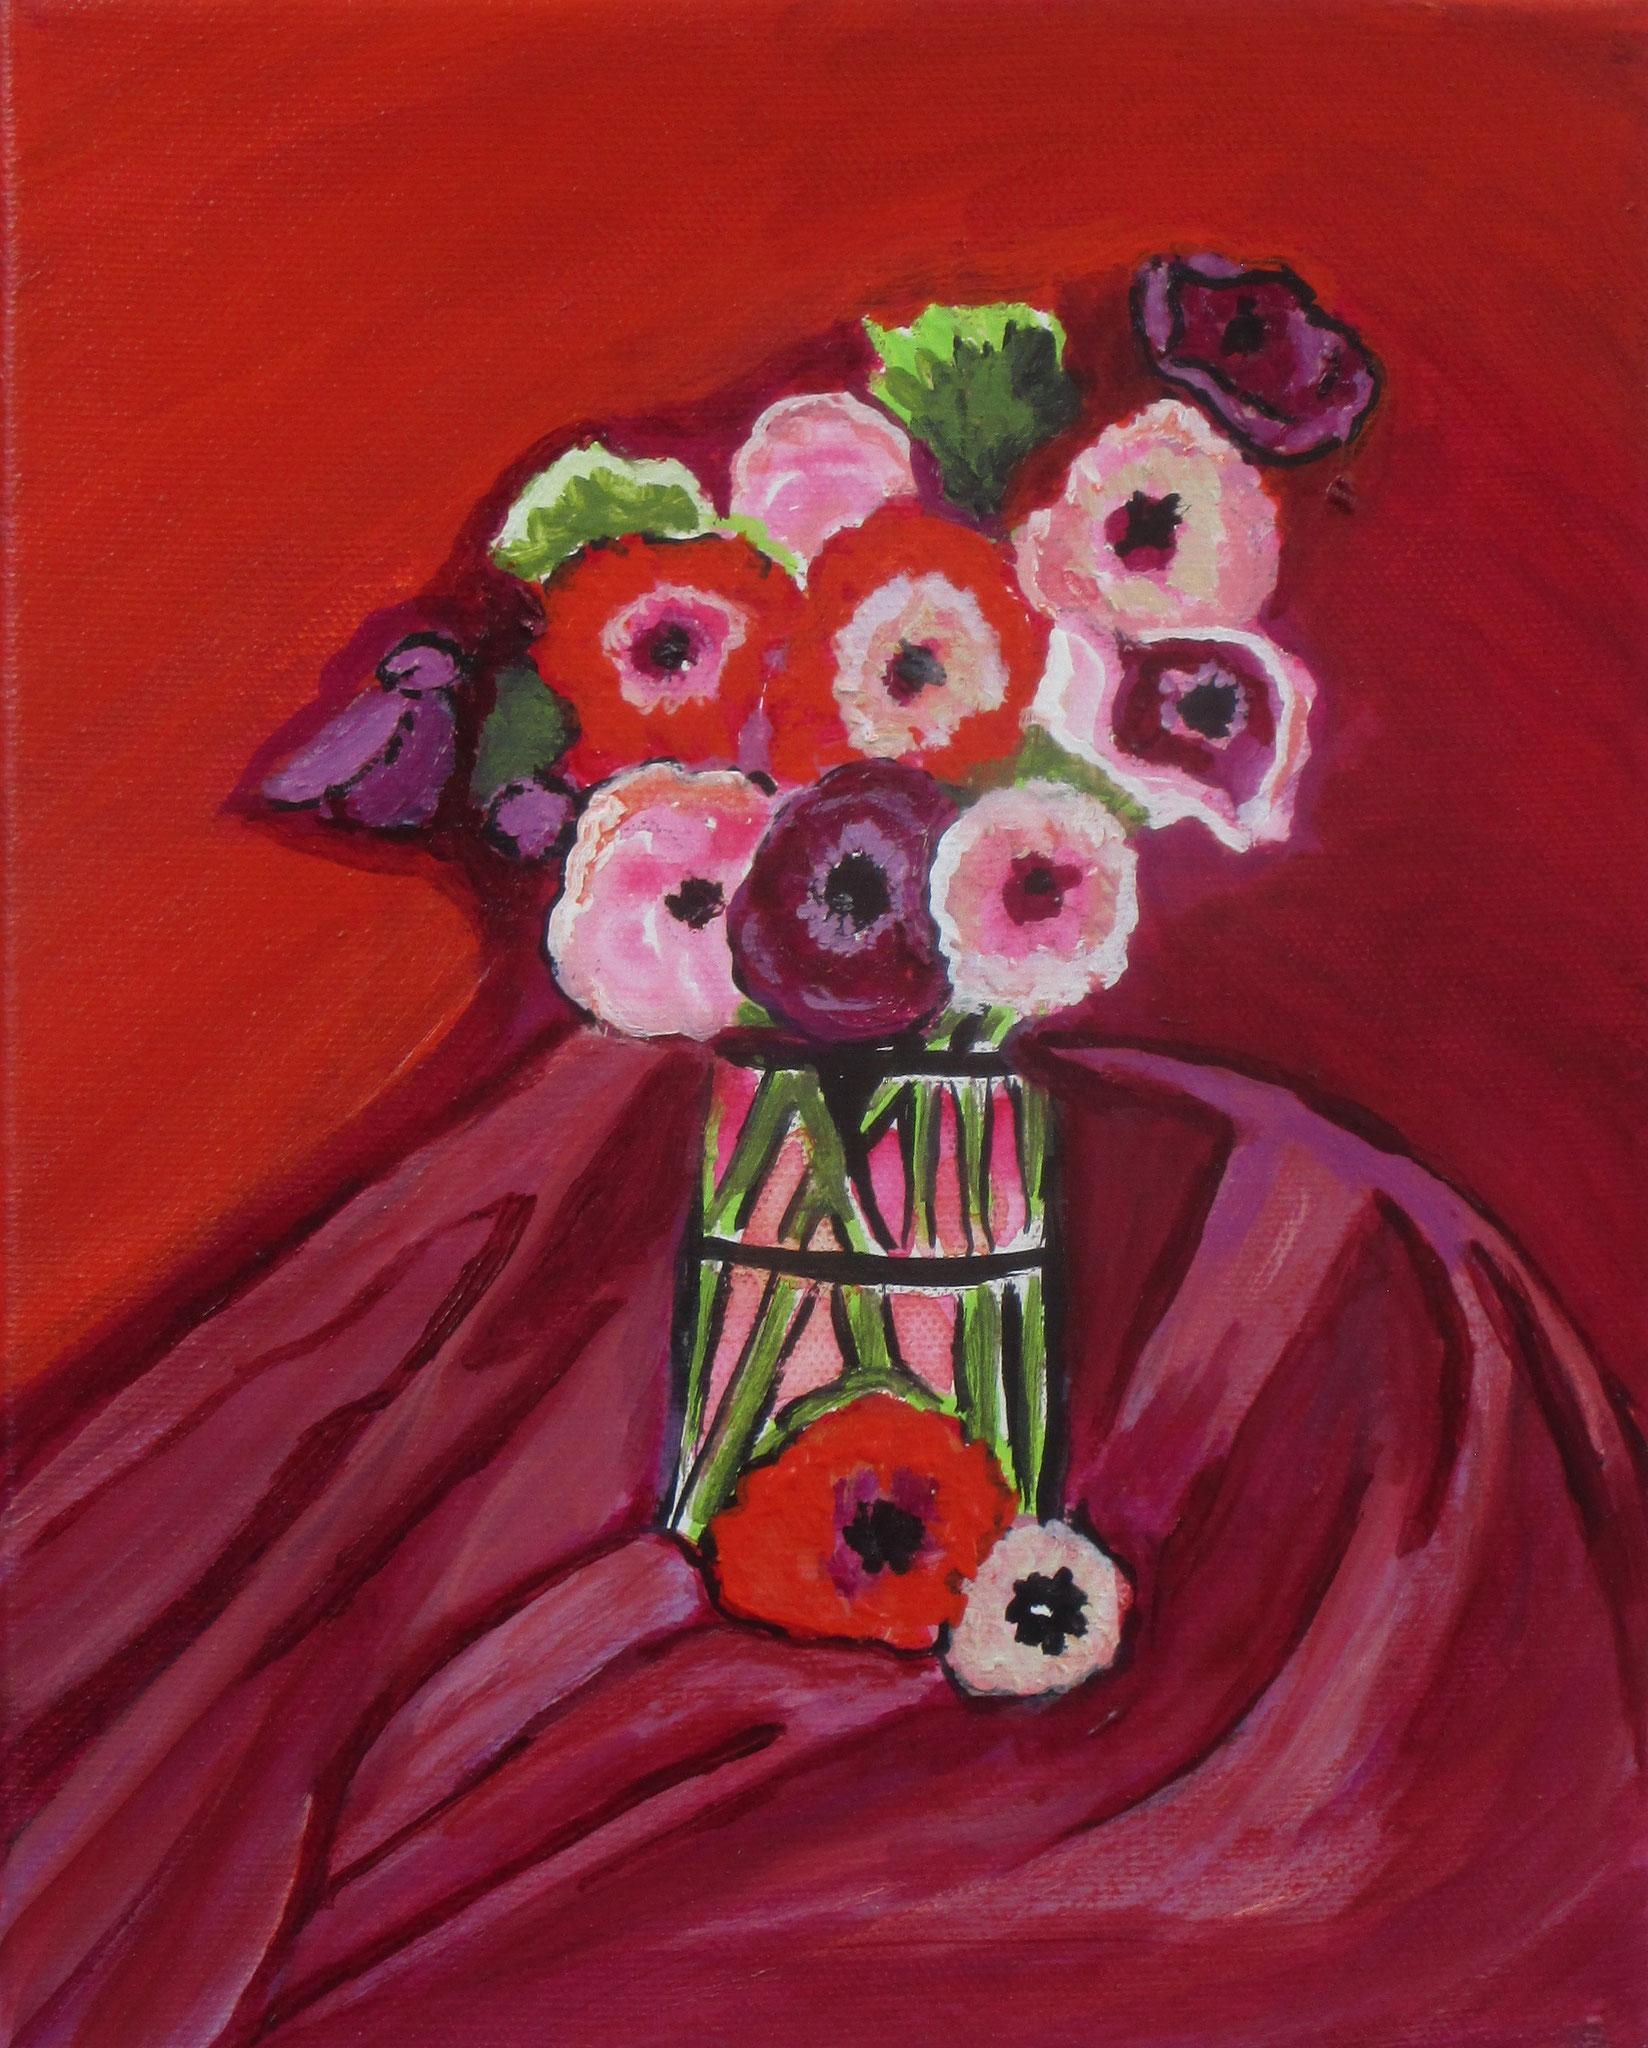 Anemones, acrylic on canvas, 8 x 10